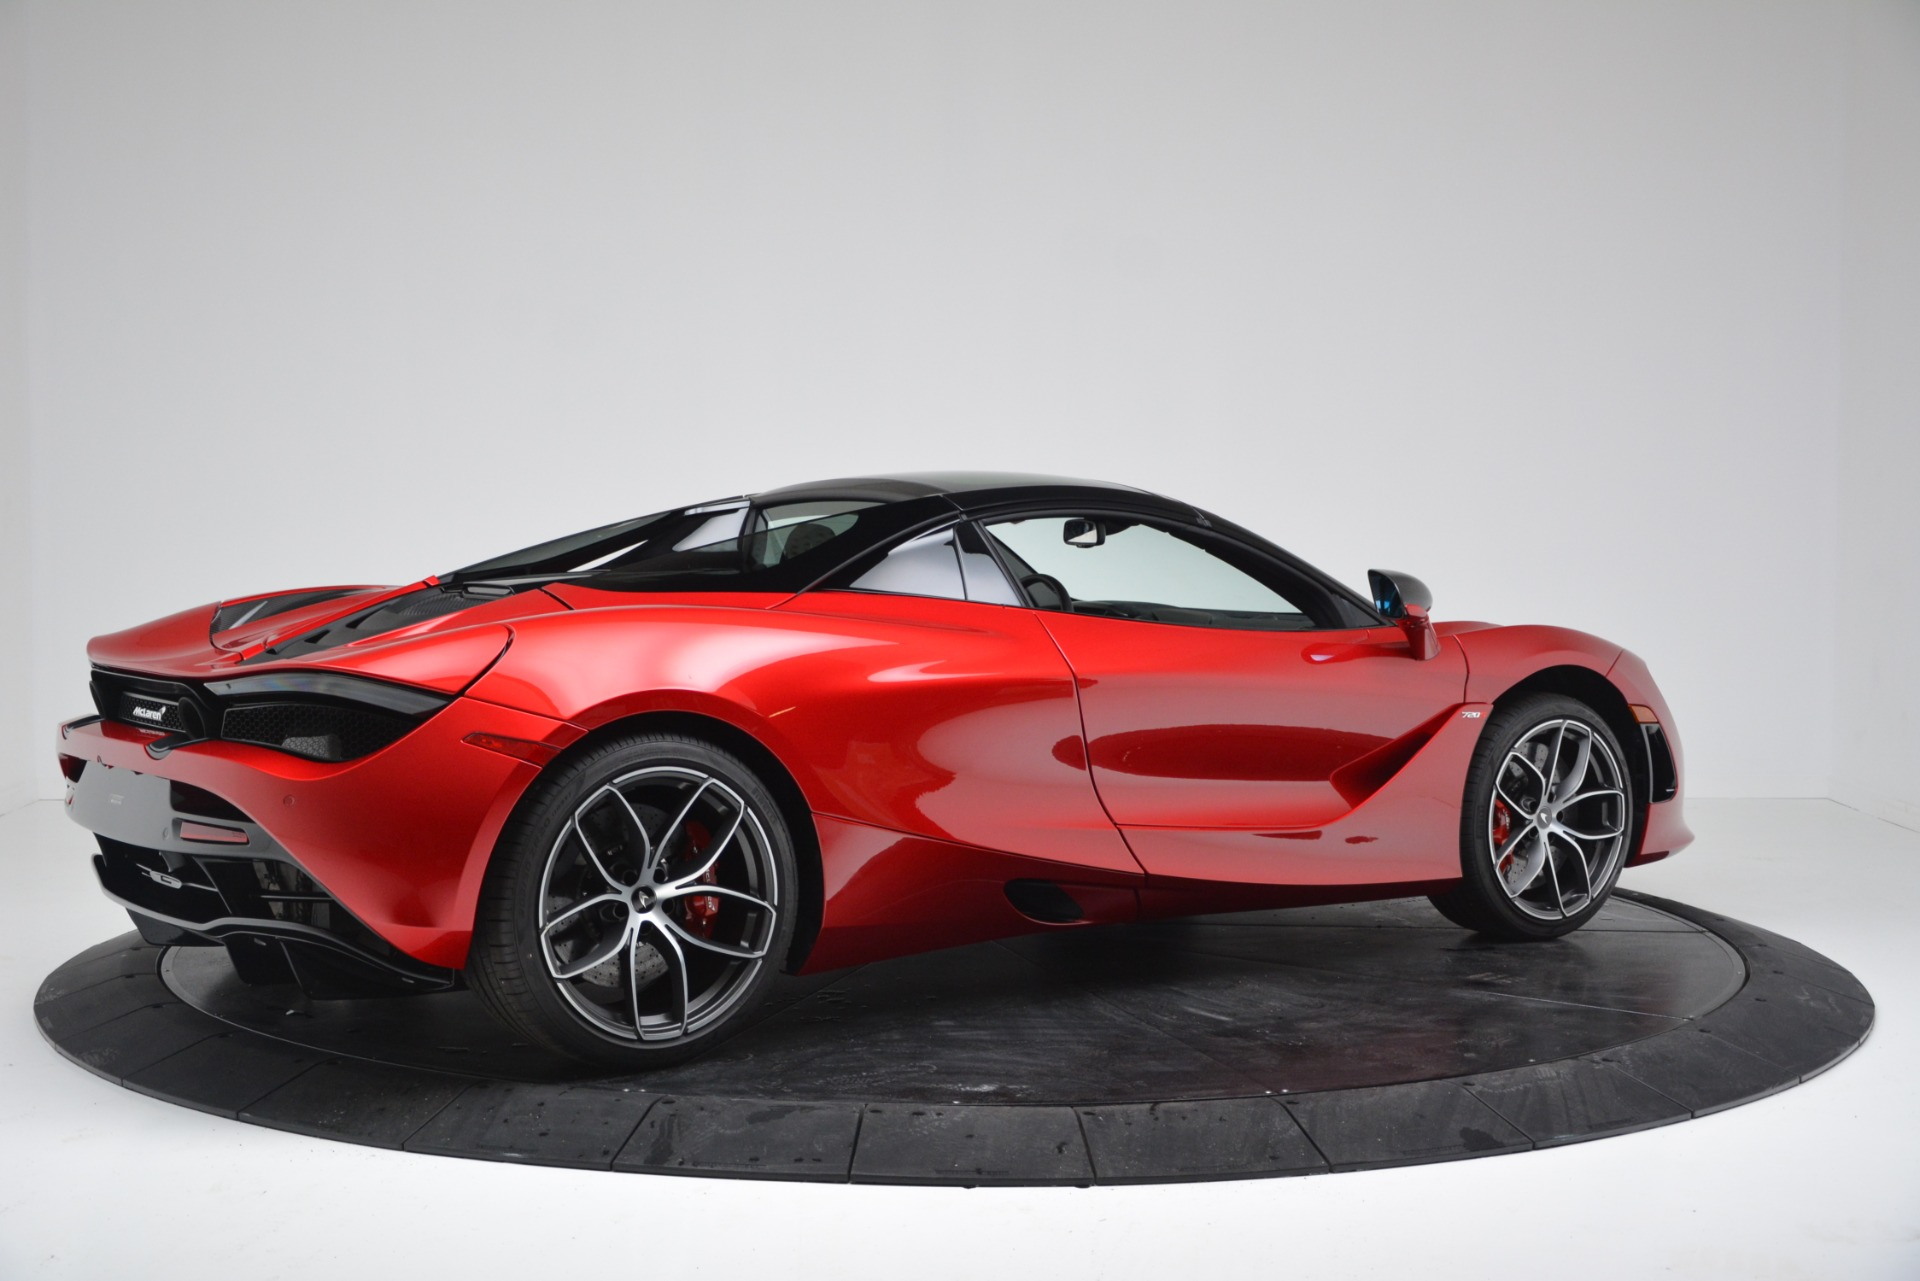 New 2020 McLaren 720S Spider Convertible For Sale In Westport, CT 3320_p10